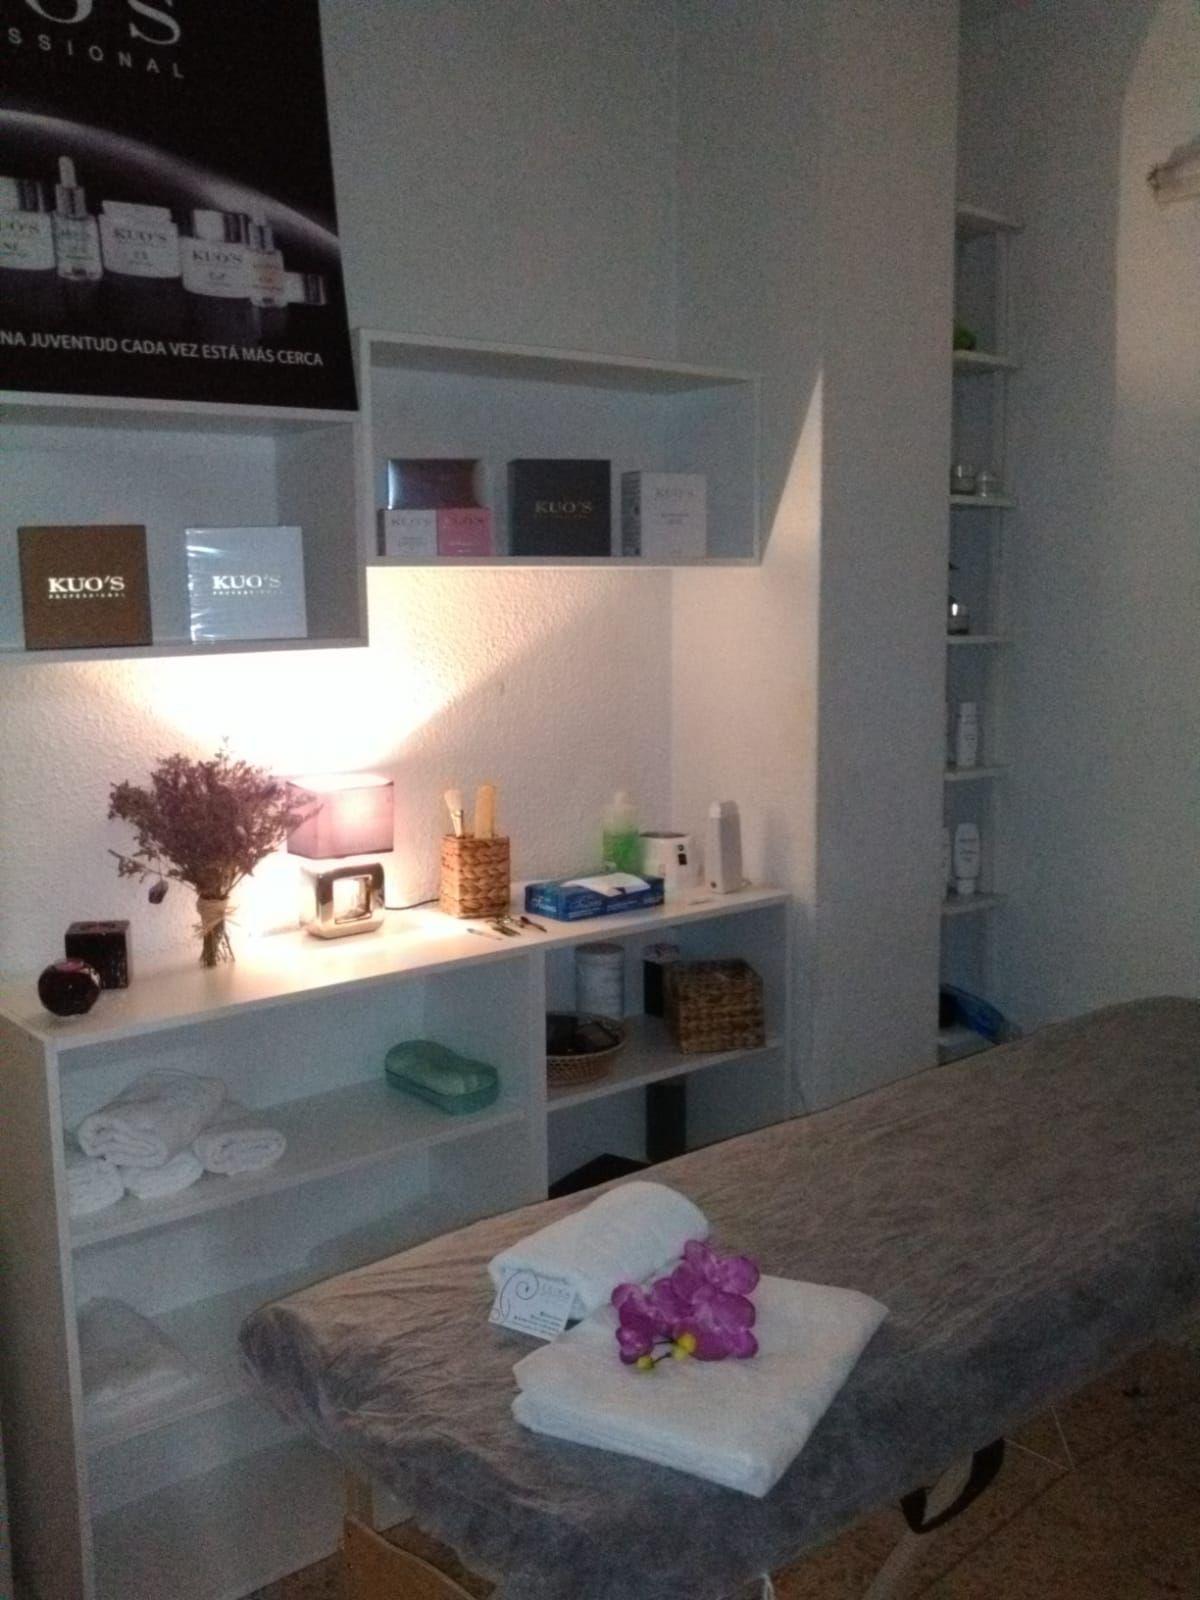 Centro de peluquería en Alicante, tratamientos personalizados